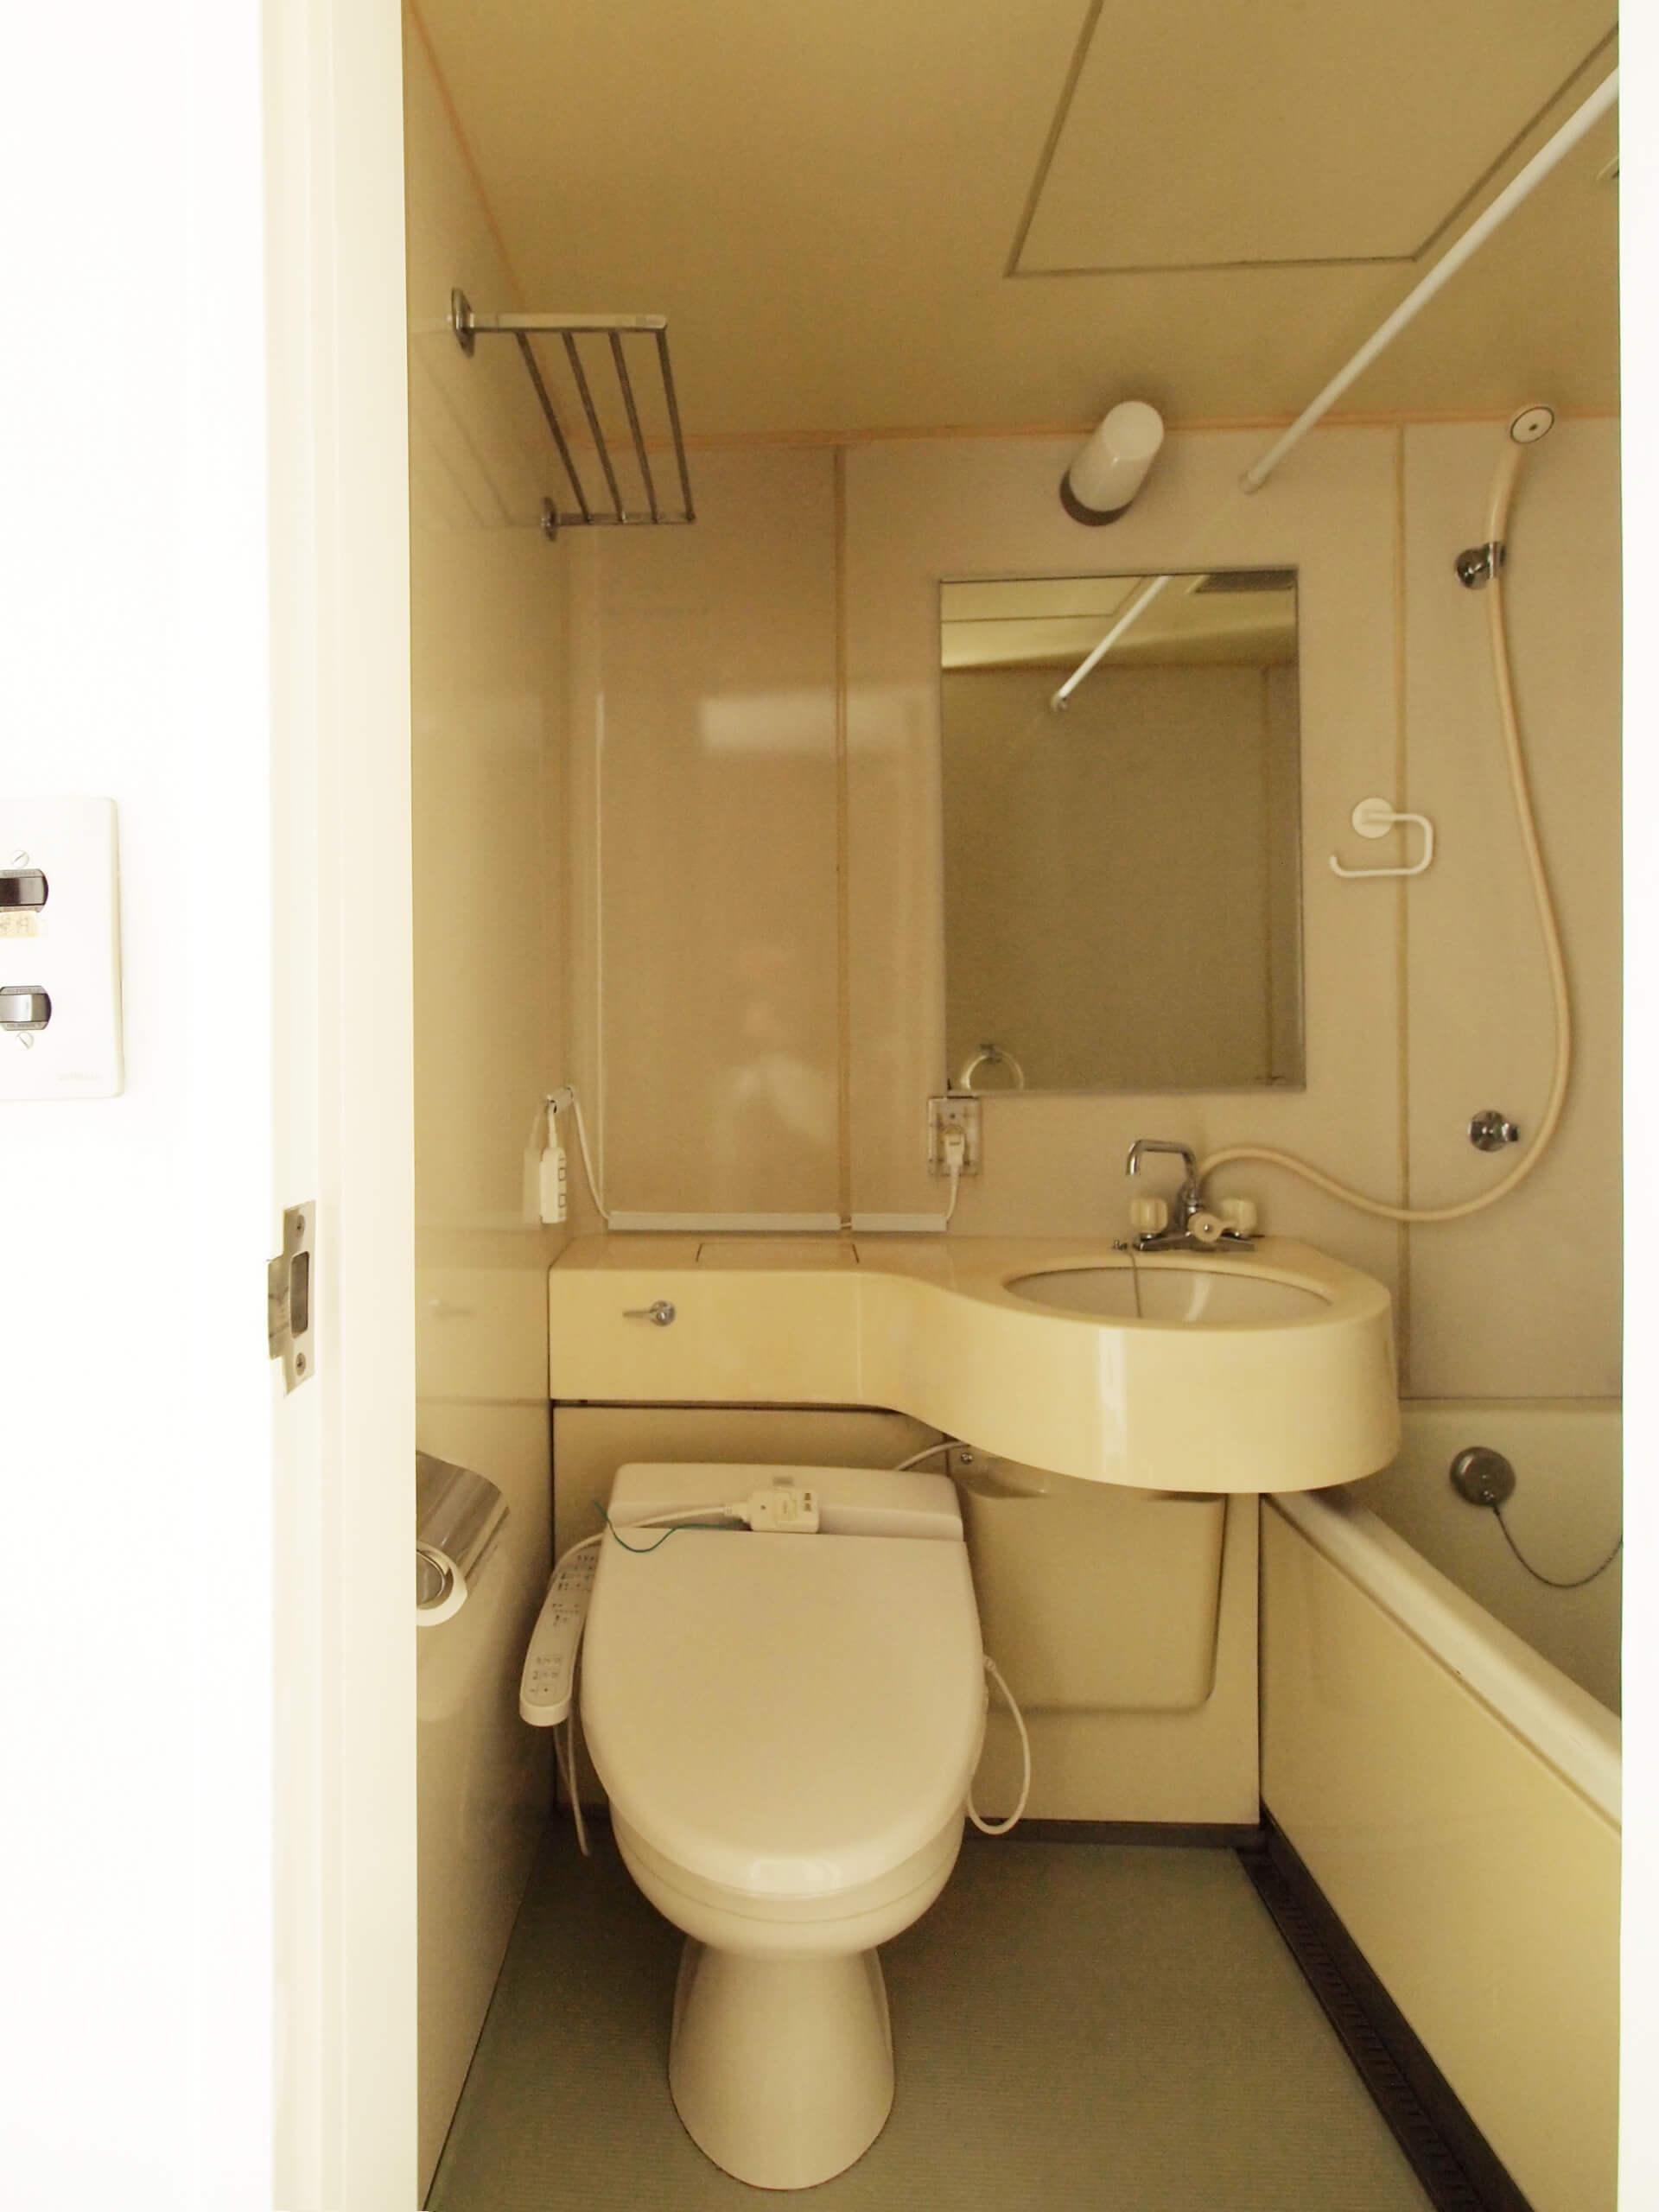 ユニットバス。トイレにはウォシュレットがついています